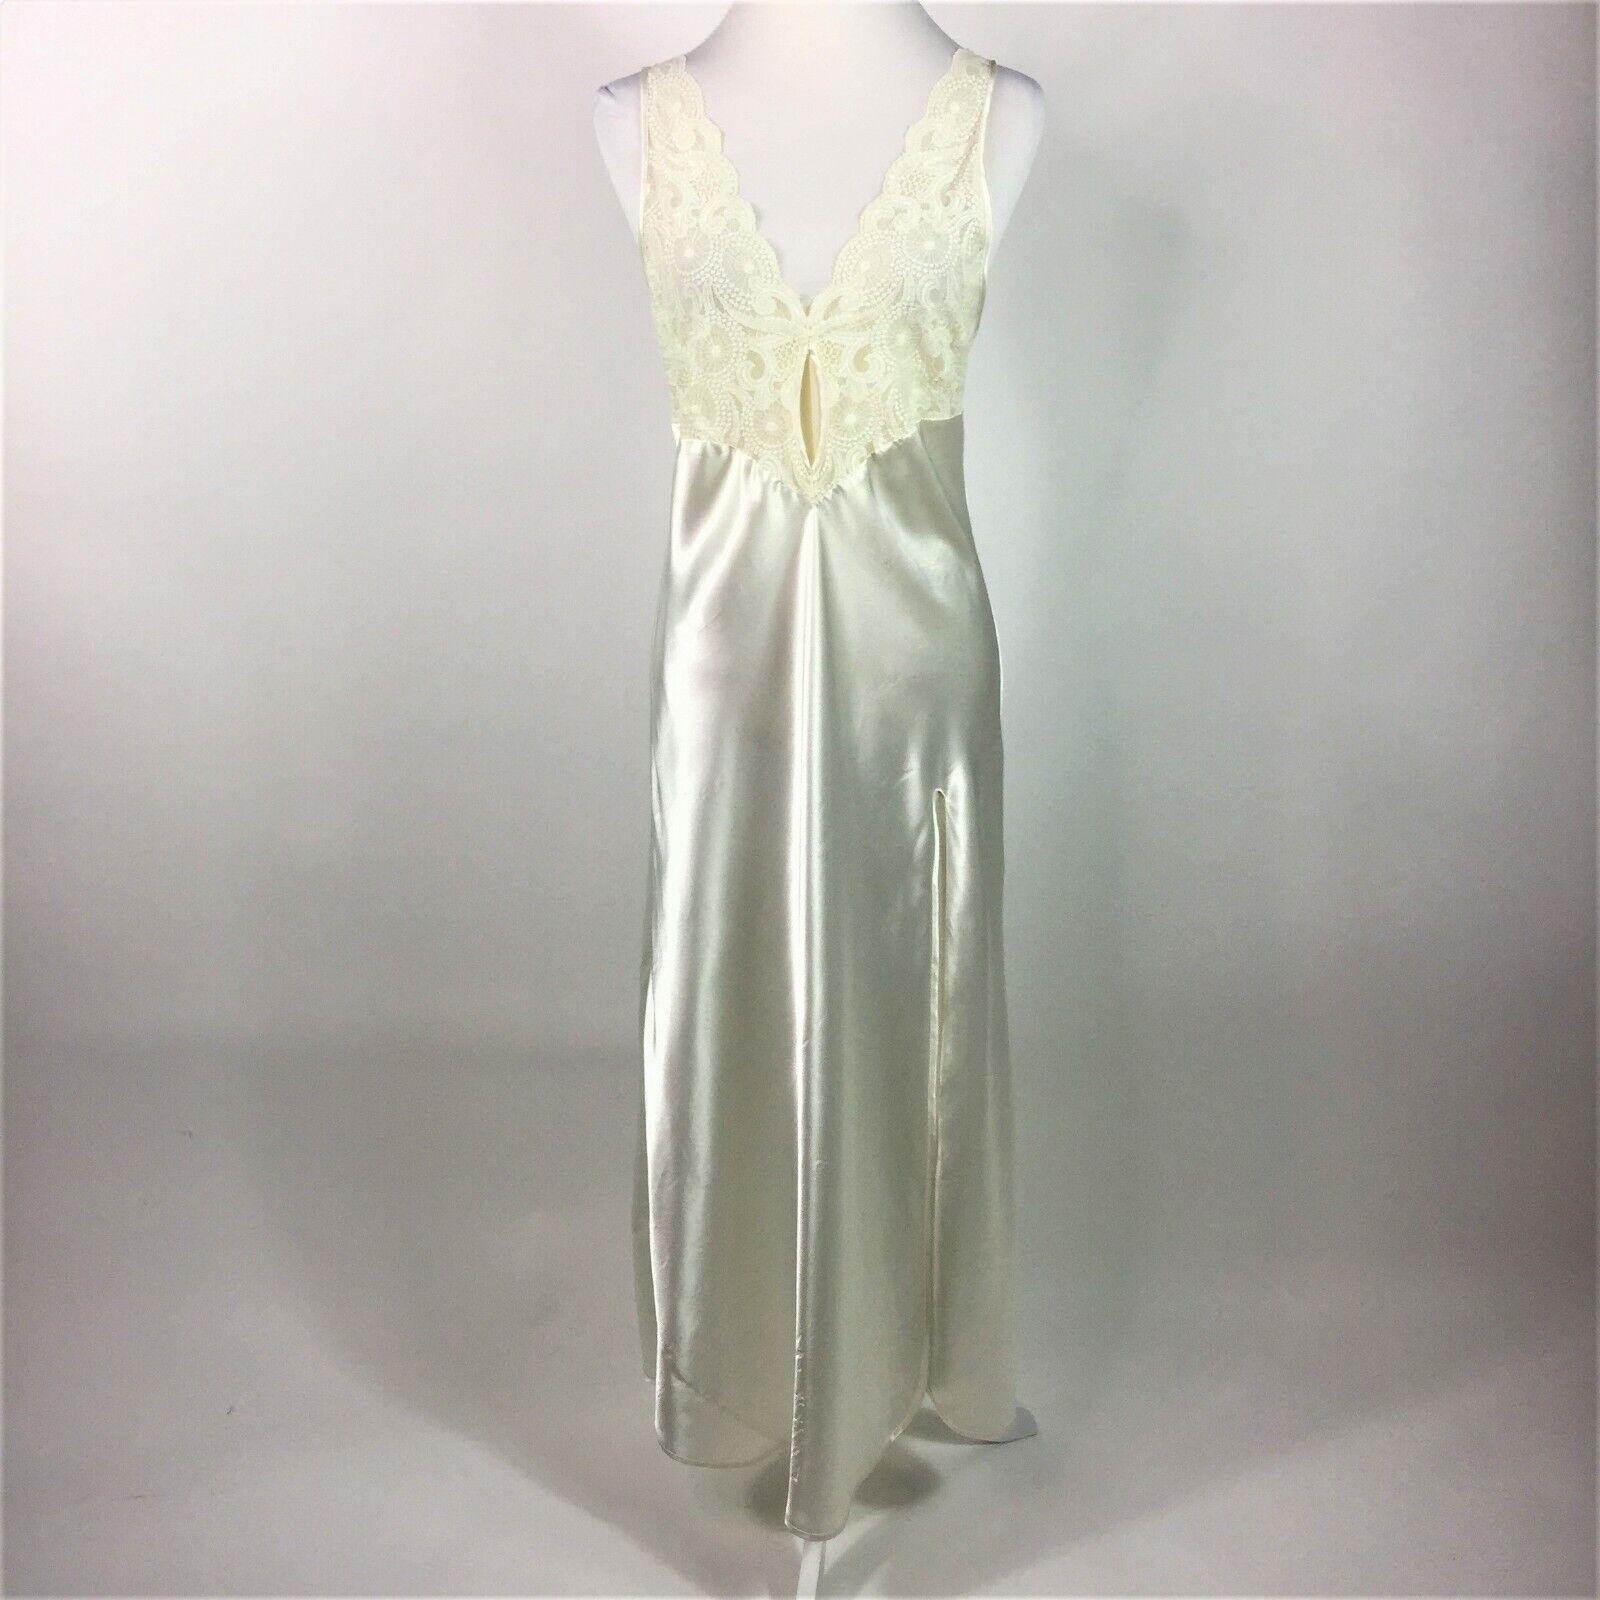 Victorias Secret Long  Ivory Gown Lingerie Size Medium Bride Wedding